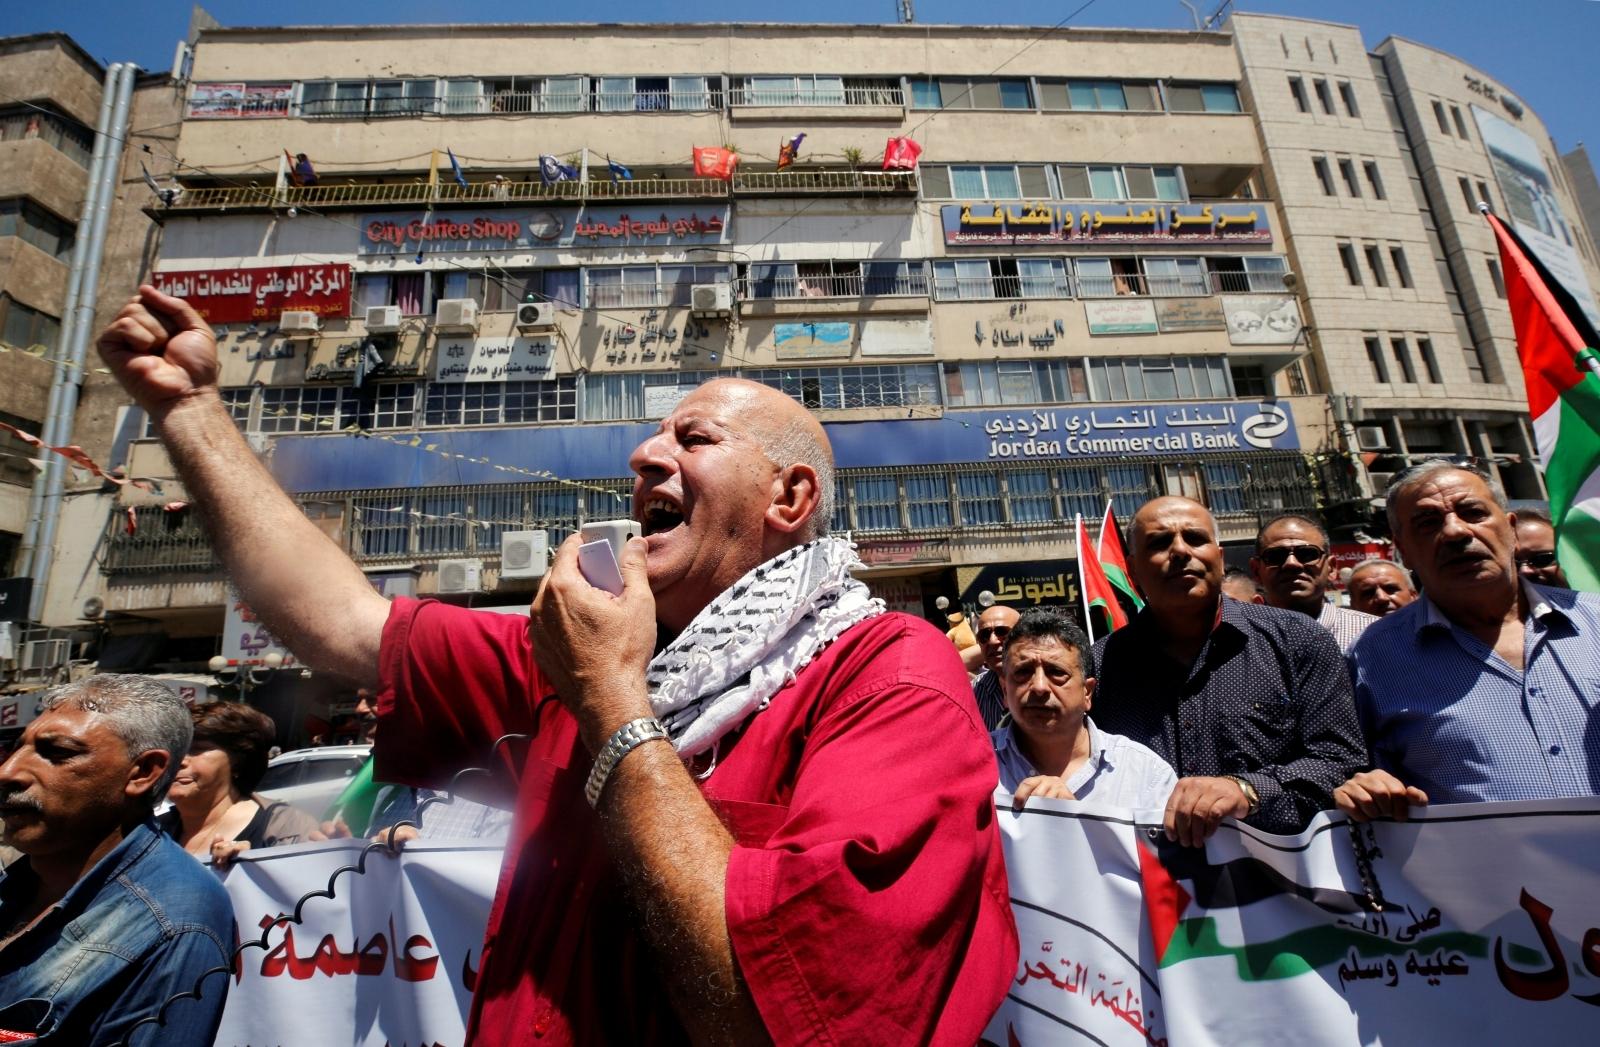 Al-Aqsa protest